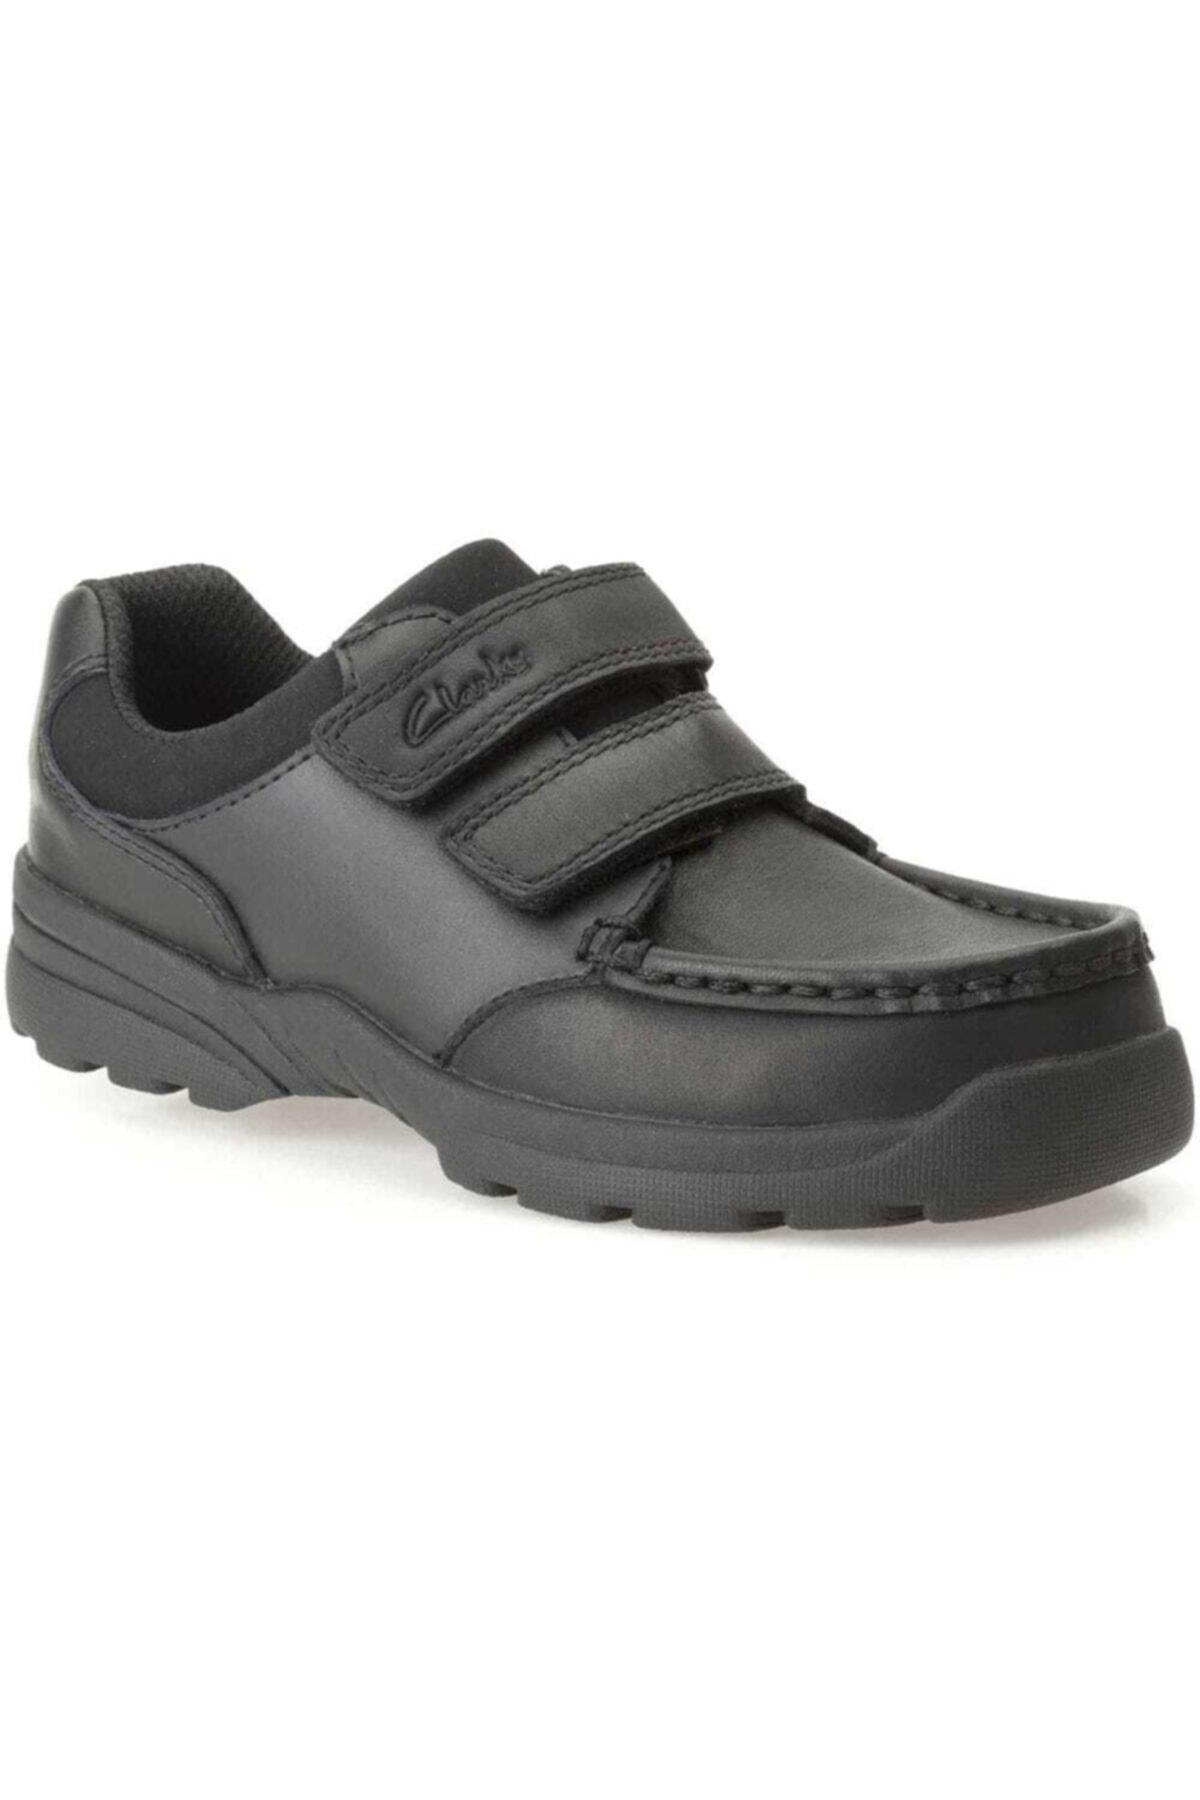 CLARKS Erkek Çocuk Siyah Deri Ayakkabı 1